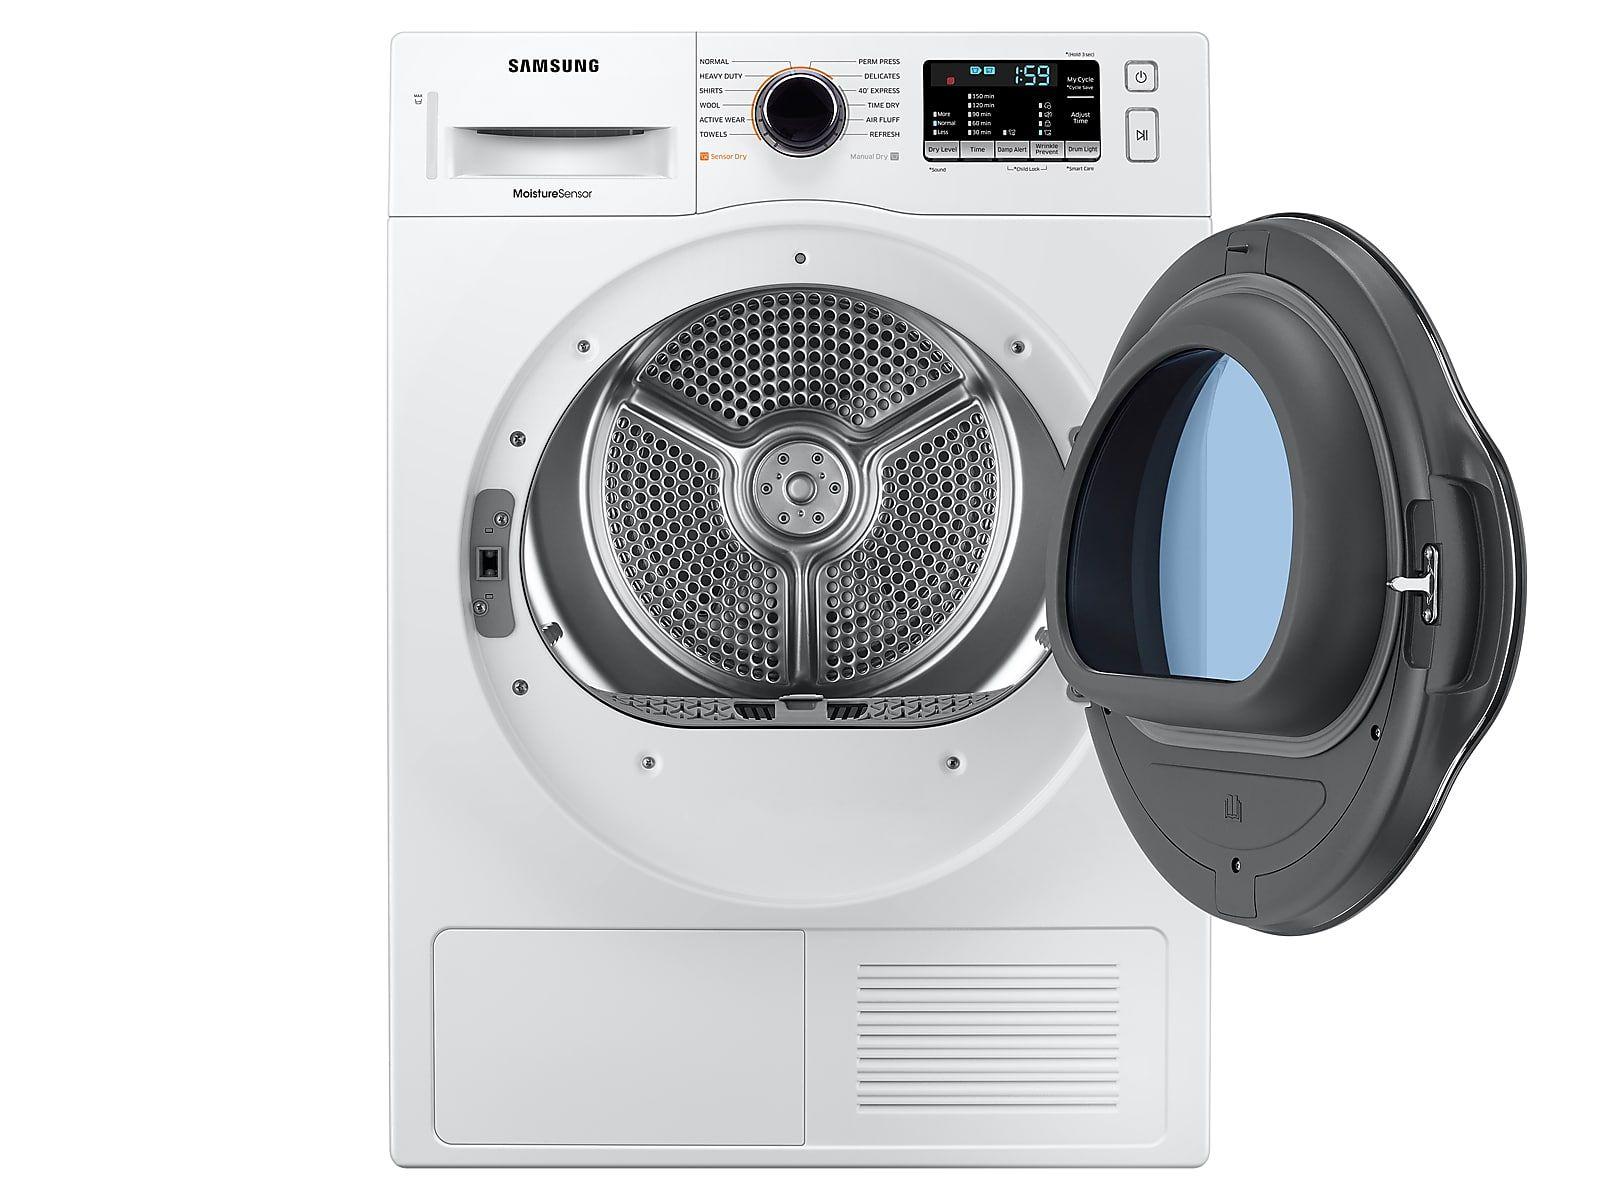 ideal heat pump dryer